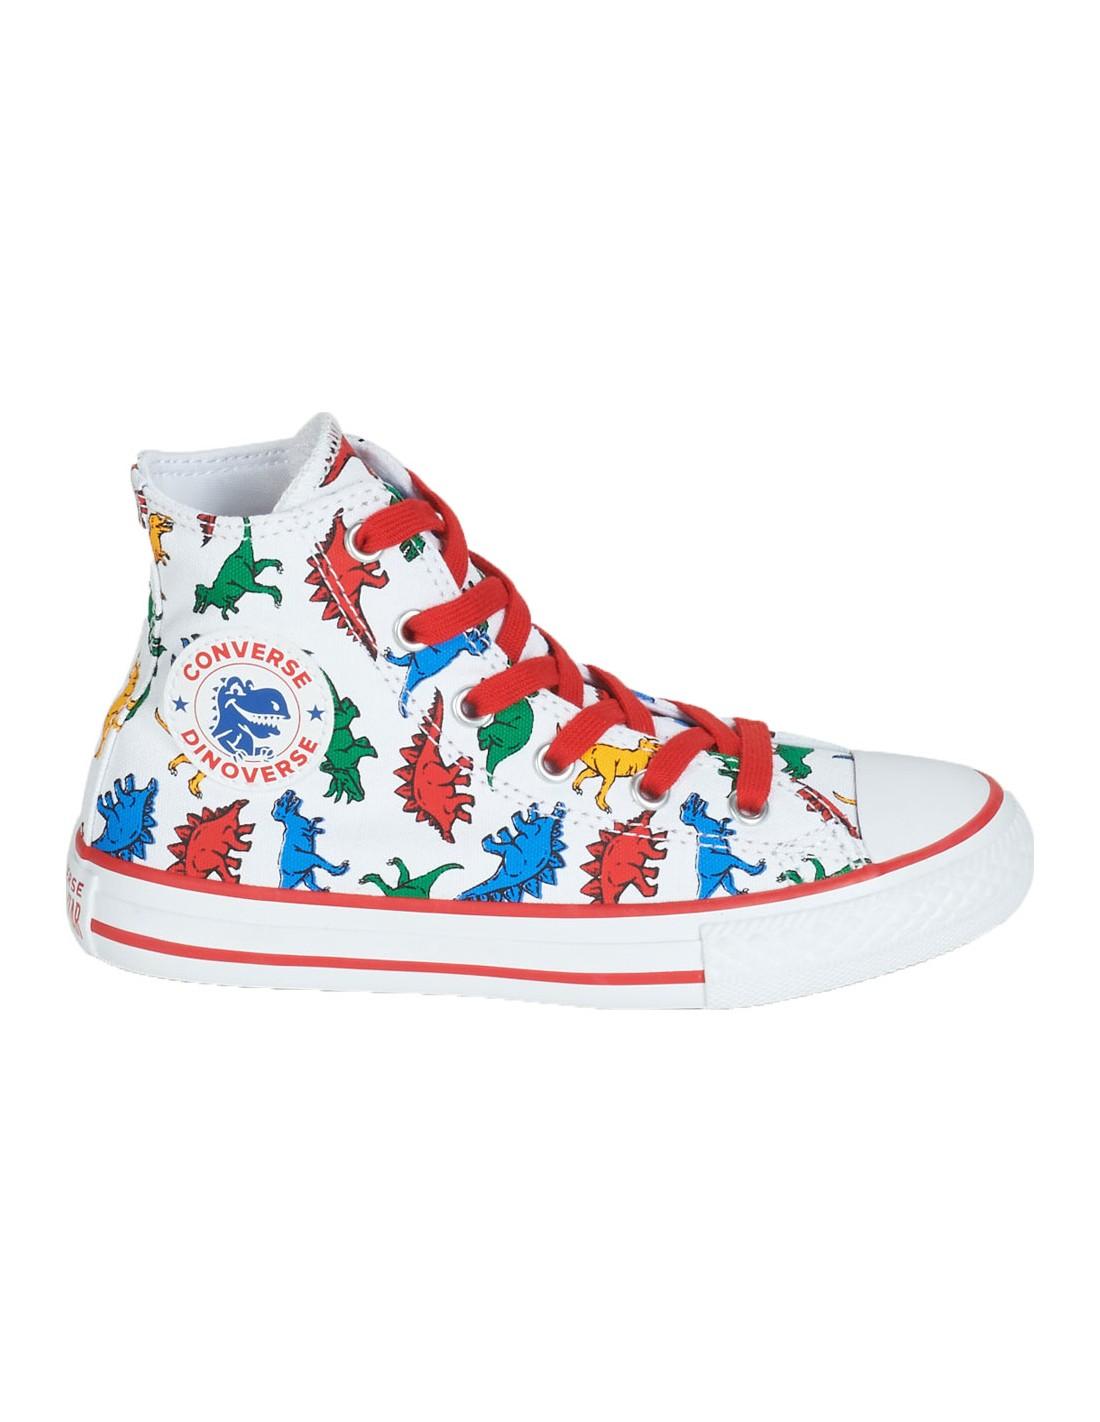 converse scarpe bambina